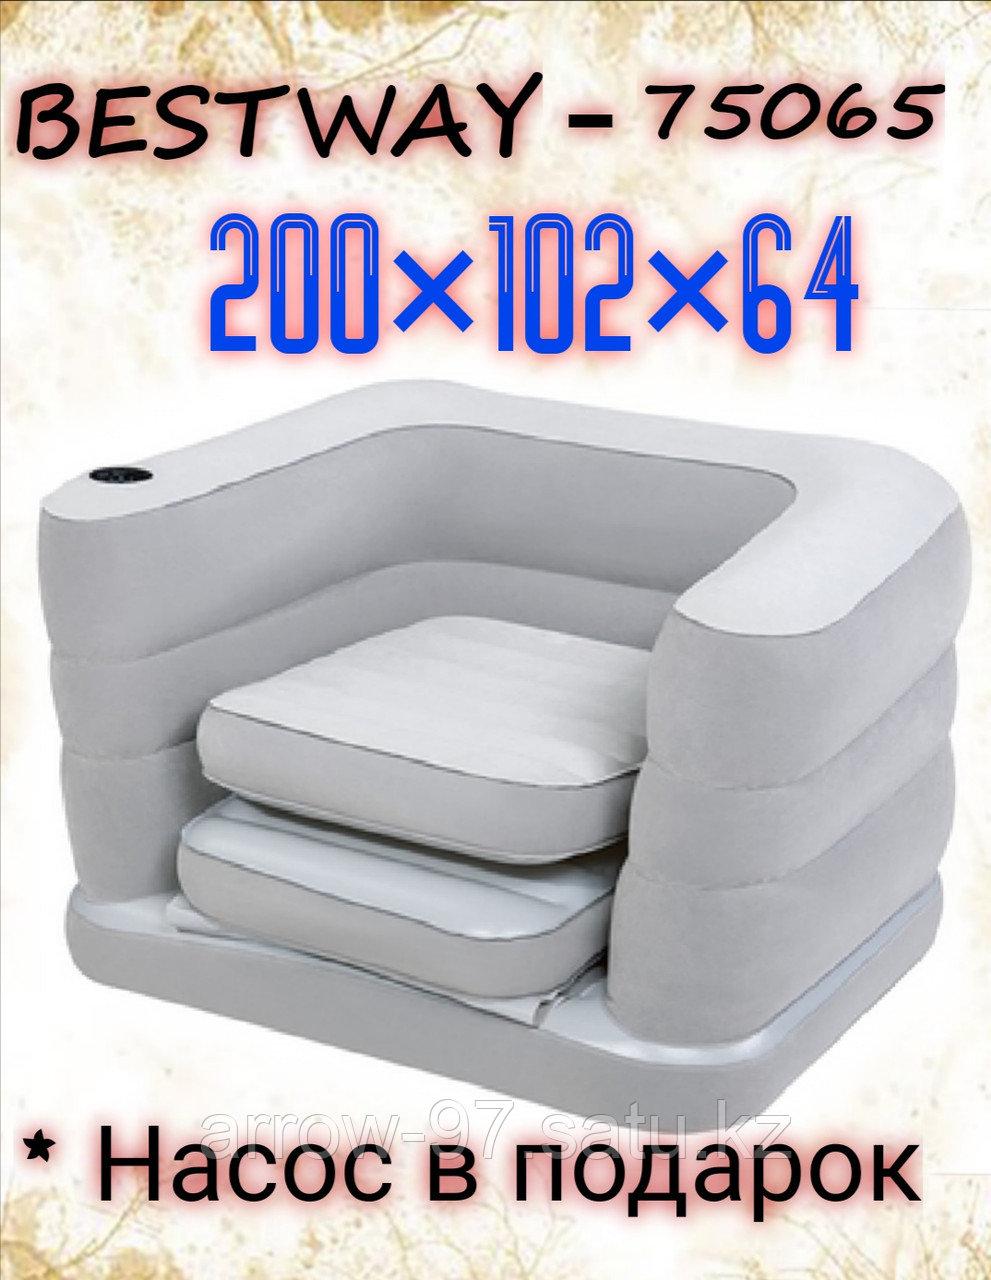 Надувное кресло BESTWAY с насосом в подарок - фото 1